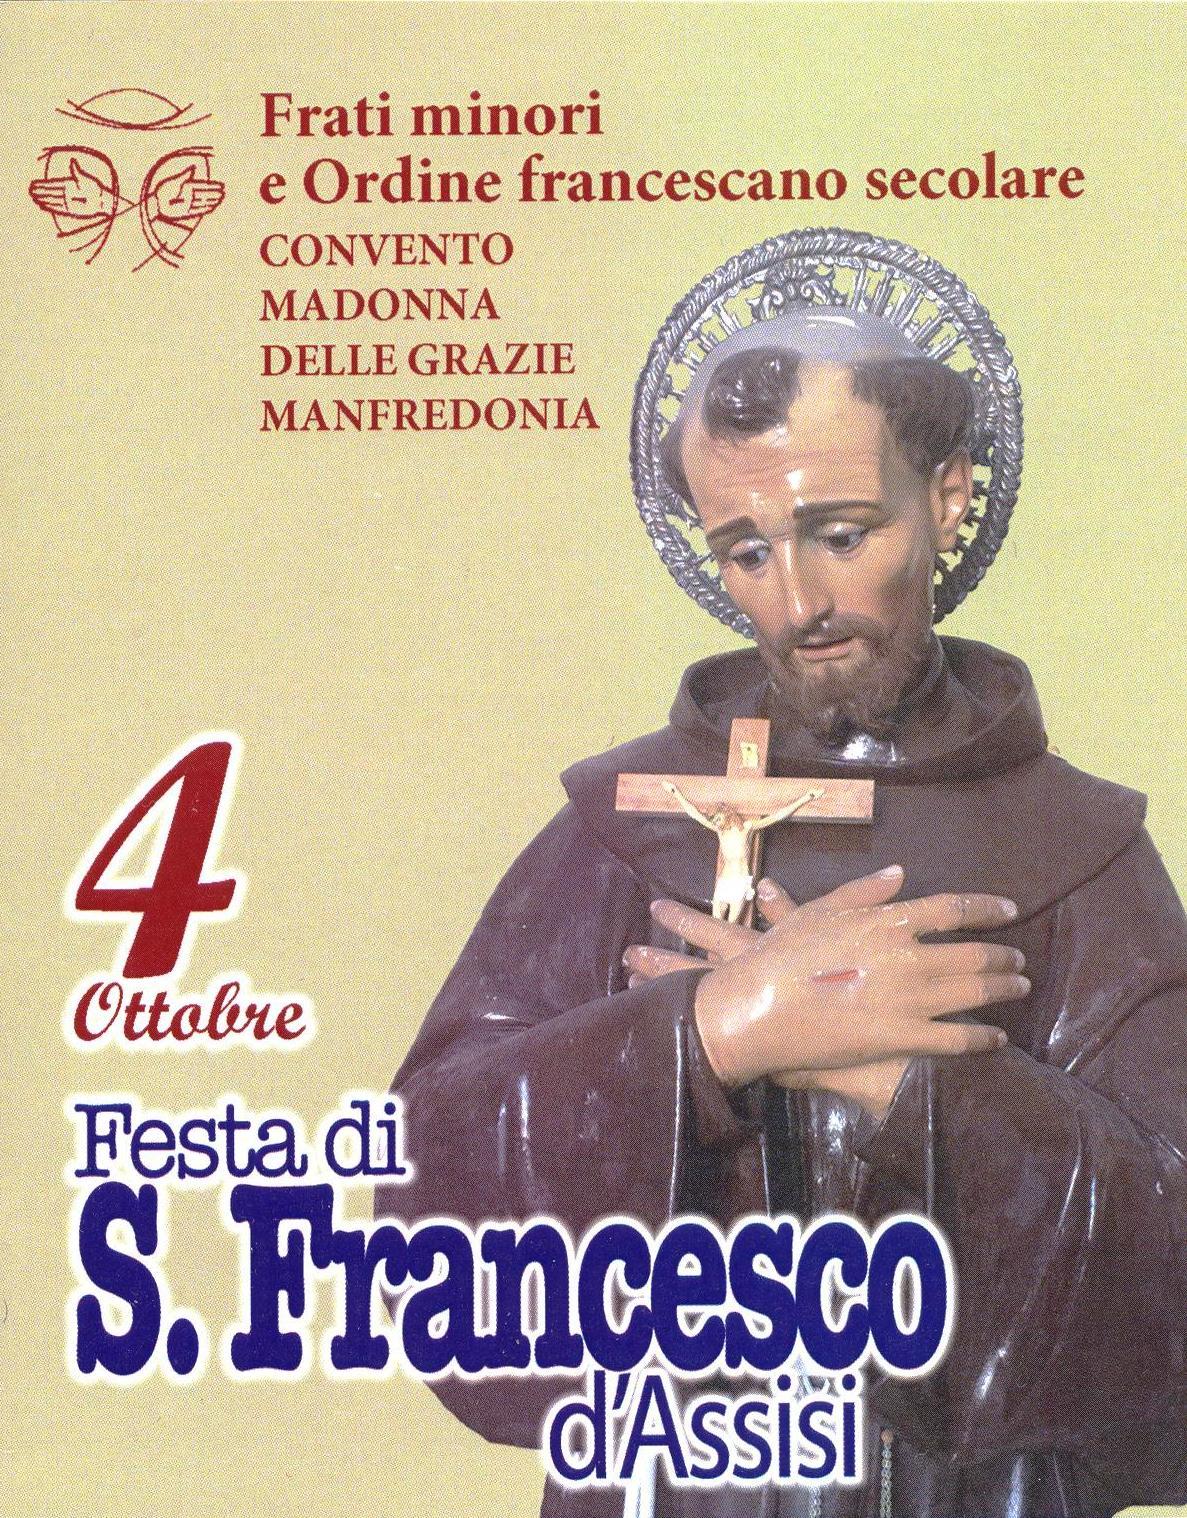 Celebrazioni San Francesco ad Assisi, accesa la lampada [FOTO E VIDEO]